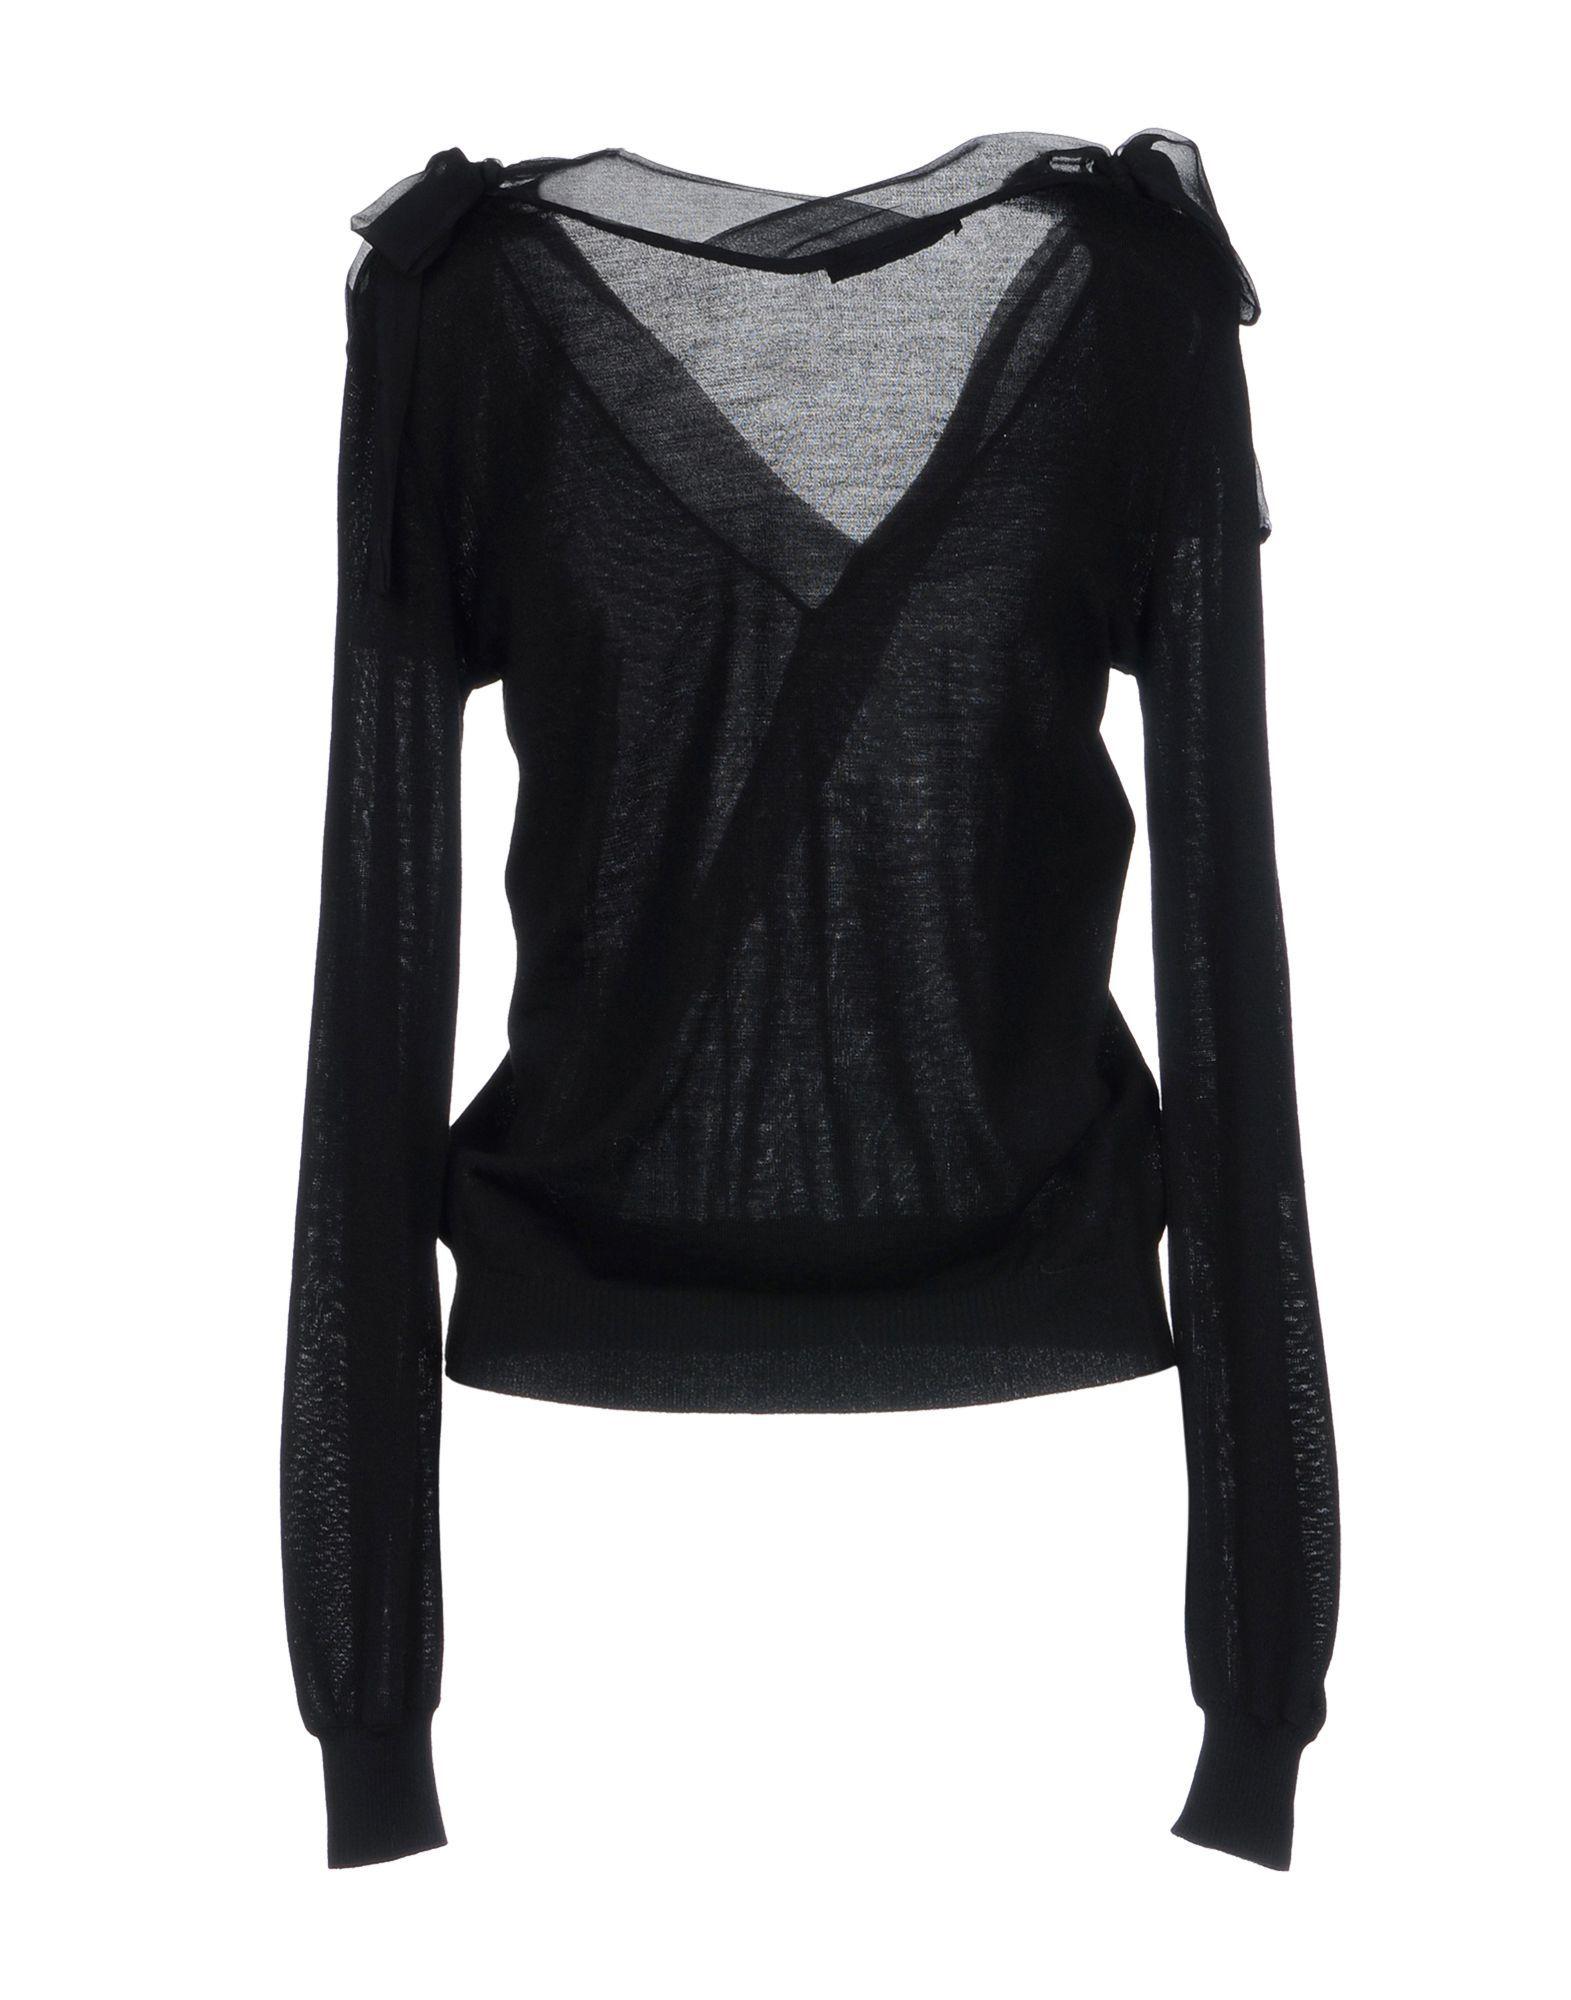 Alberta Ferretti Black Virgin Wool And Chiffon Knit